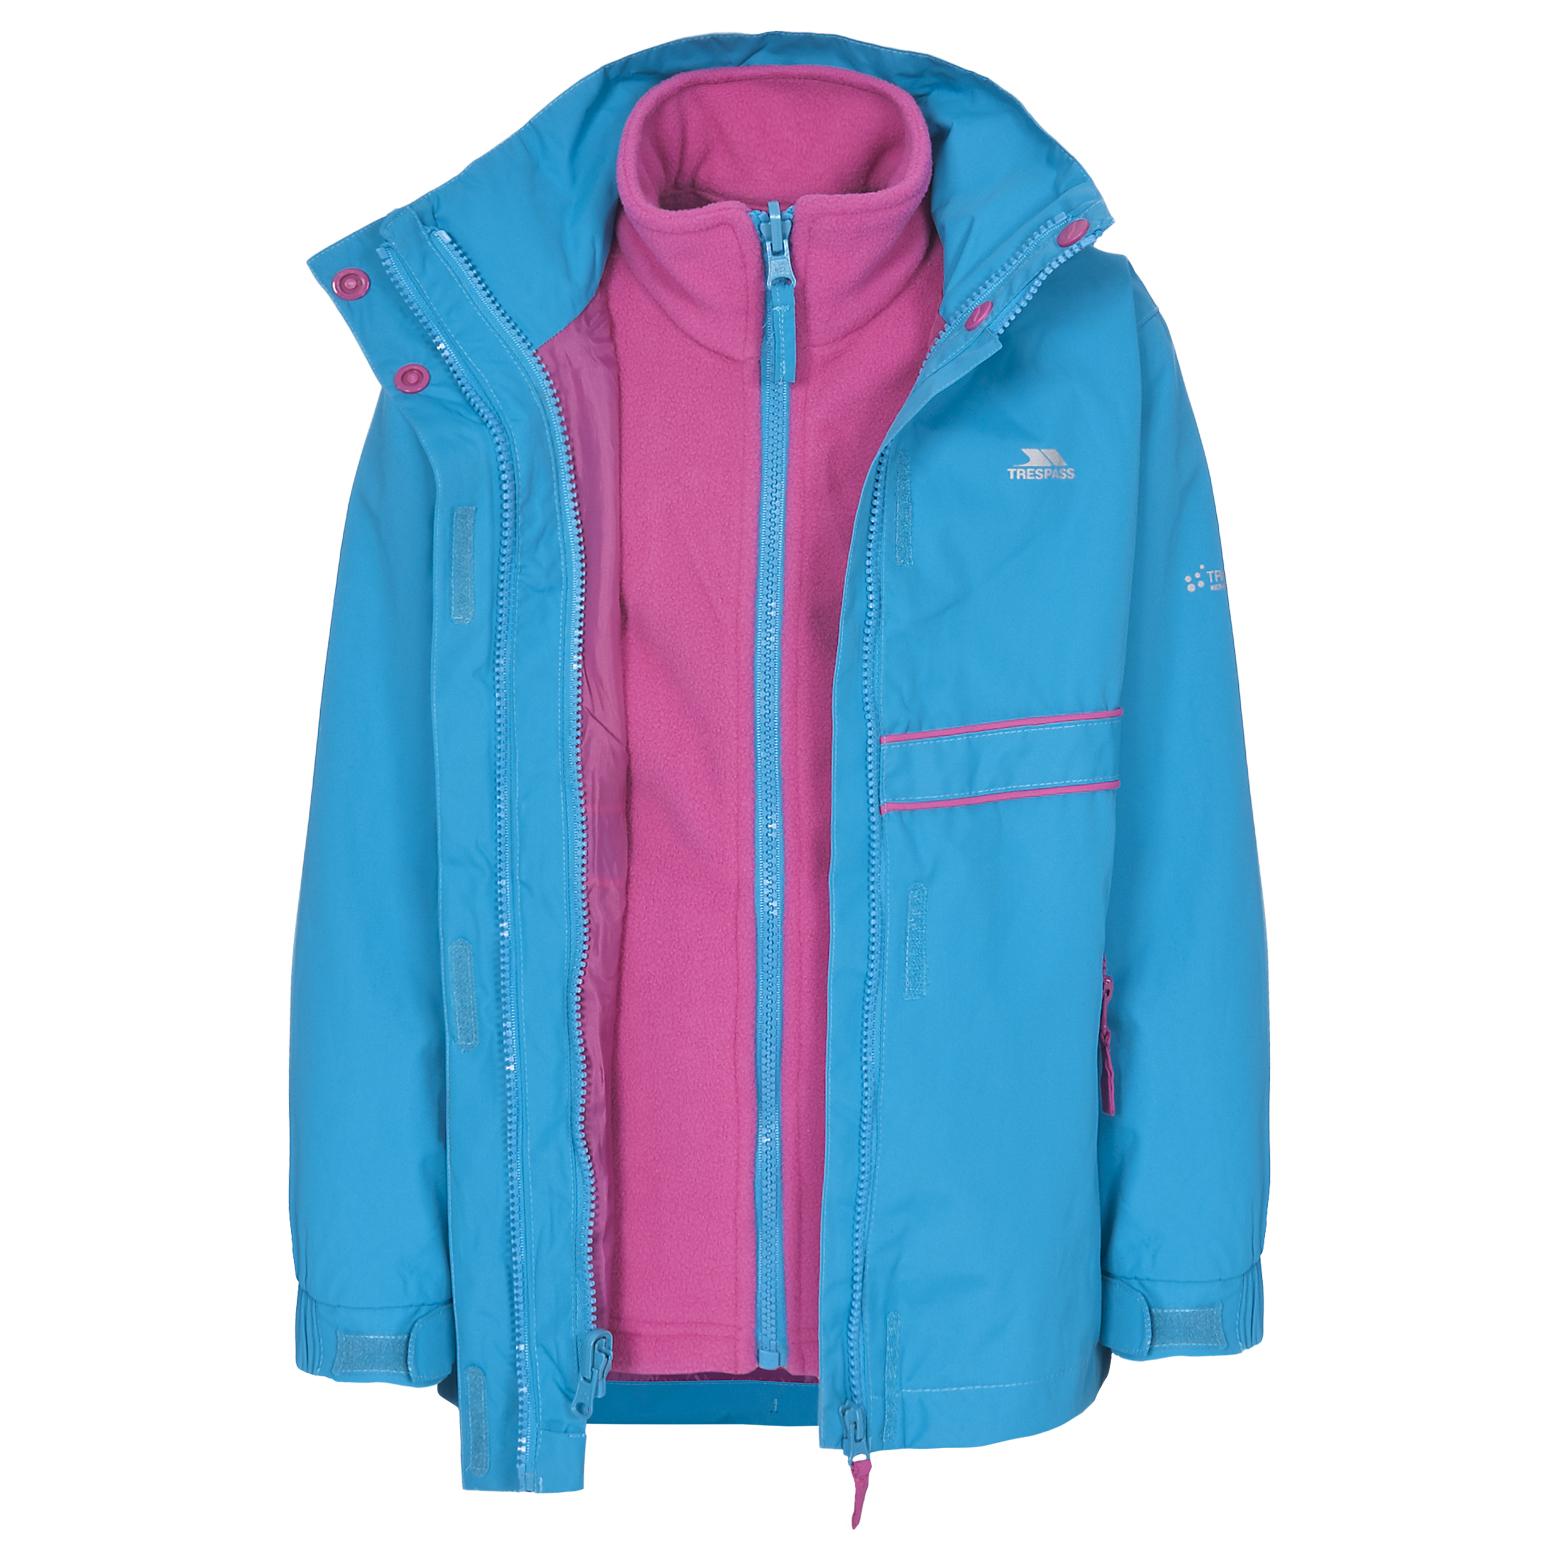 Trespass TIARA Girls 3 in 1 Hooded Waterproof Fleece School Rain ...